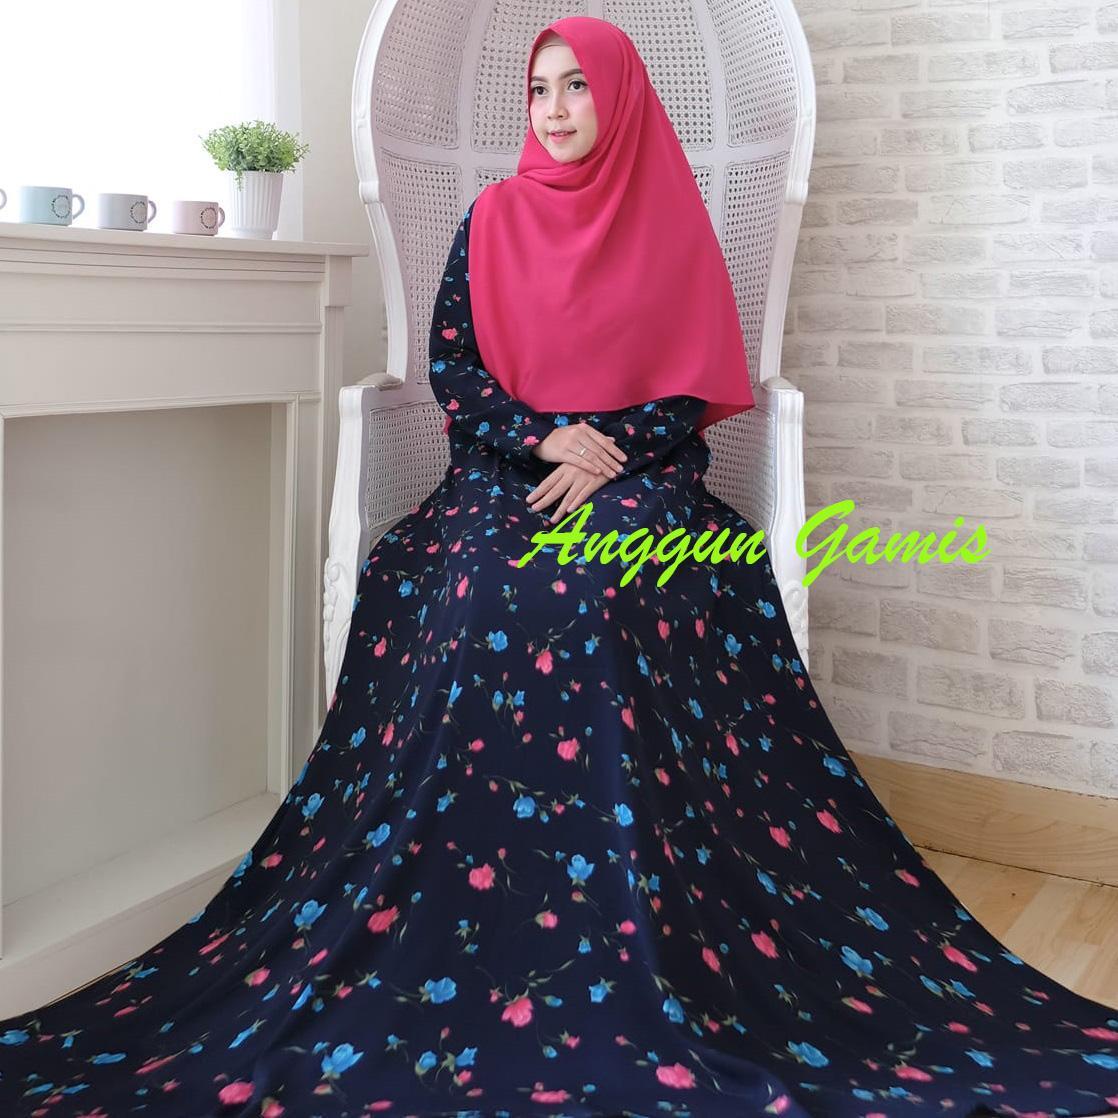 Anggun Store – Anggun Gamis - Gamis Muslimah – Gamis Murah – Gamis Kekinian – Gamis Monalisa – Bunga Biru Dongker